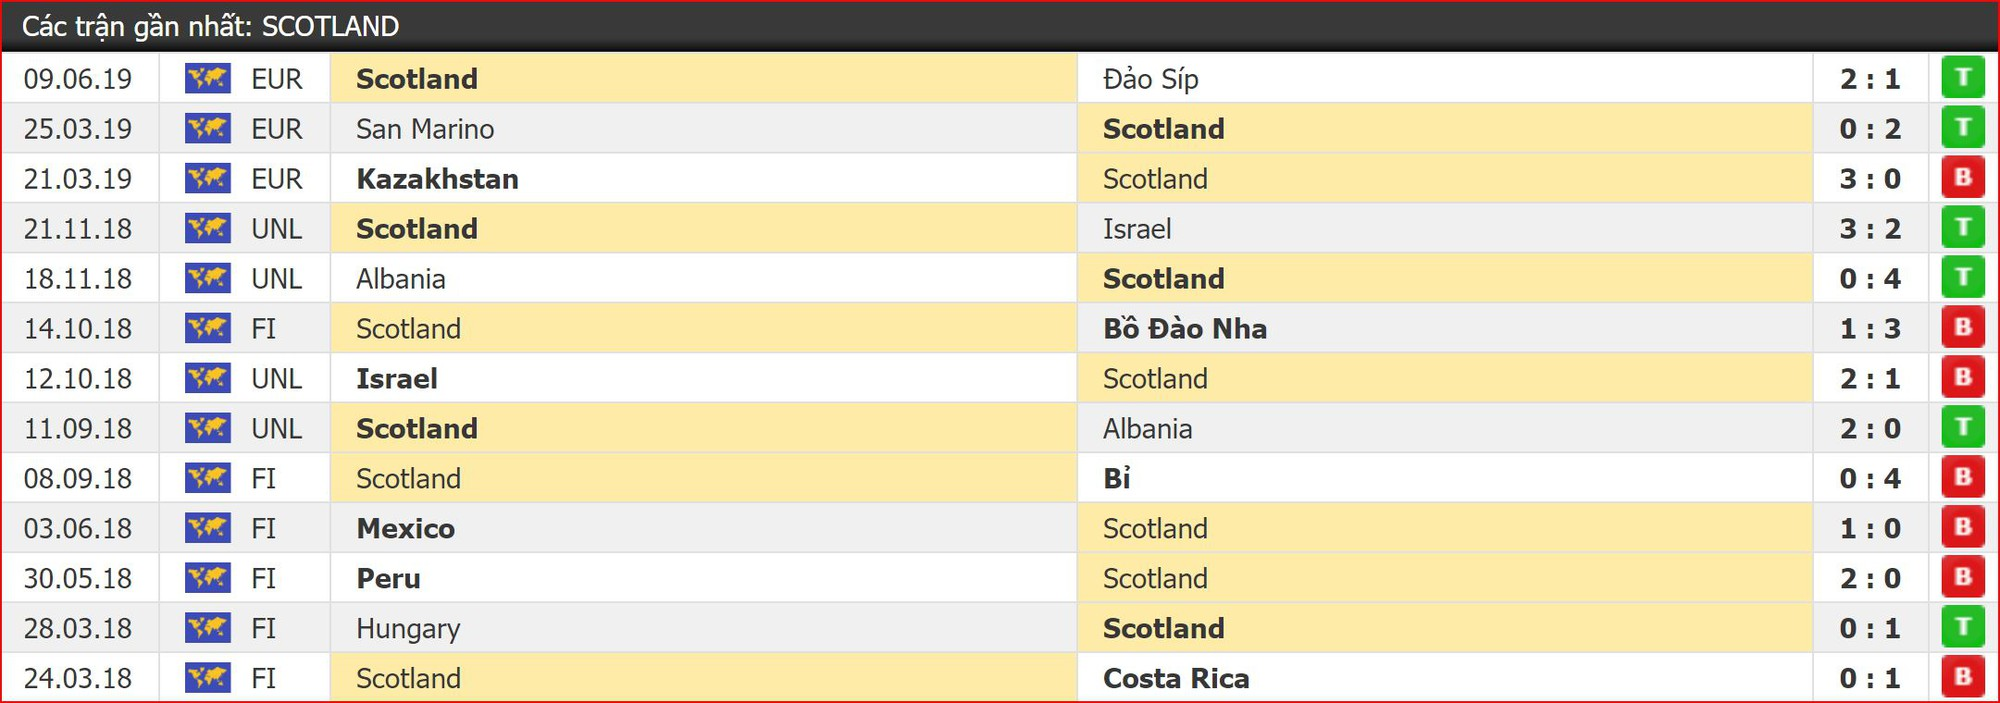 Nhận định Bỉ vs Scotland (1h45, 12/6) Vòng loại EURO 2020: Khó cản bước chân Quỷ đỏ - Ảnh 3.